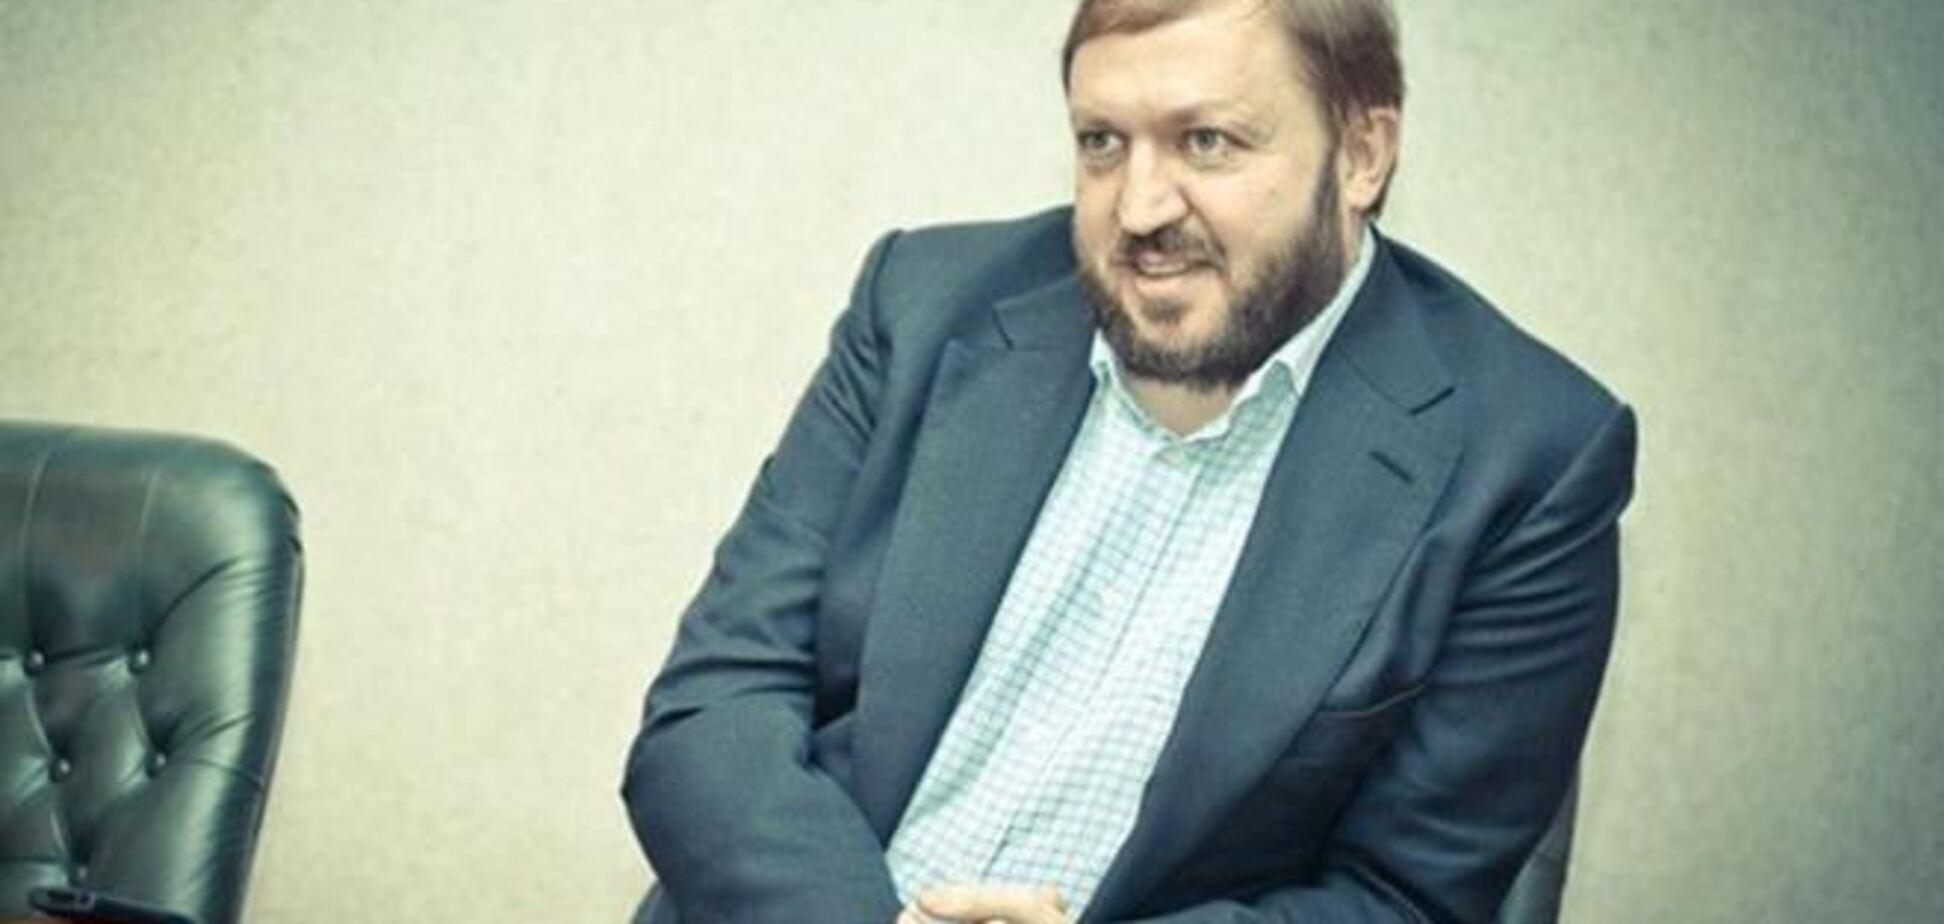 Василий Горбаль: Нацбанк будет удерживать курс 8,5-8,7 грн/долл.